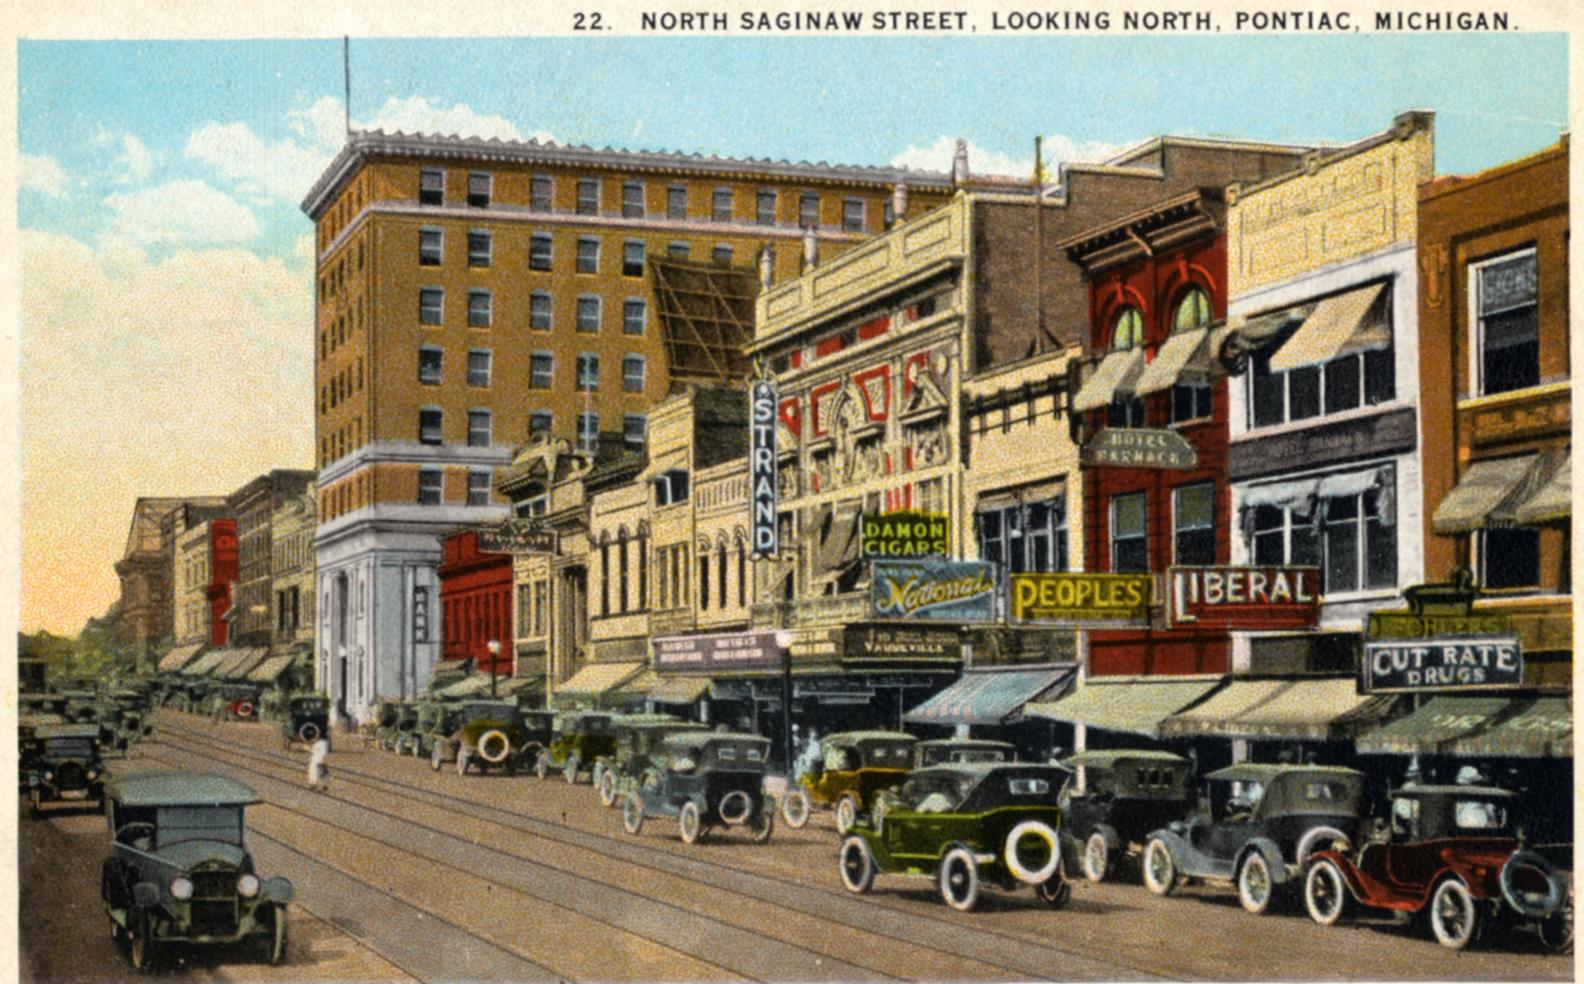 Downtown Pontiac Historic Art & Architecture Tour